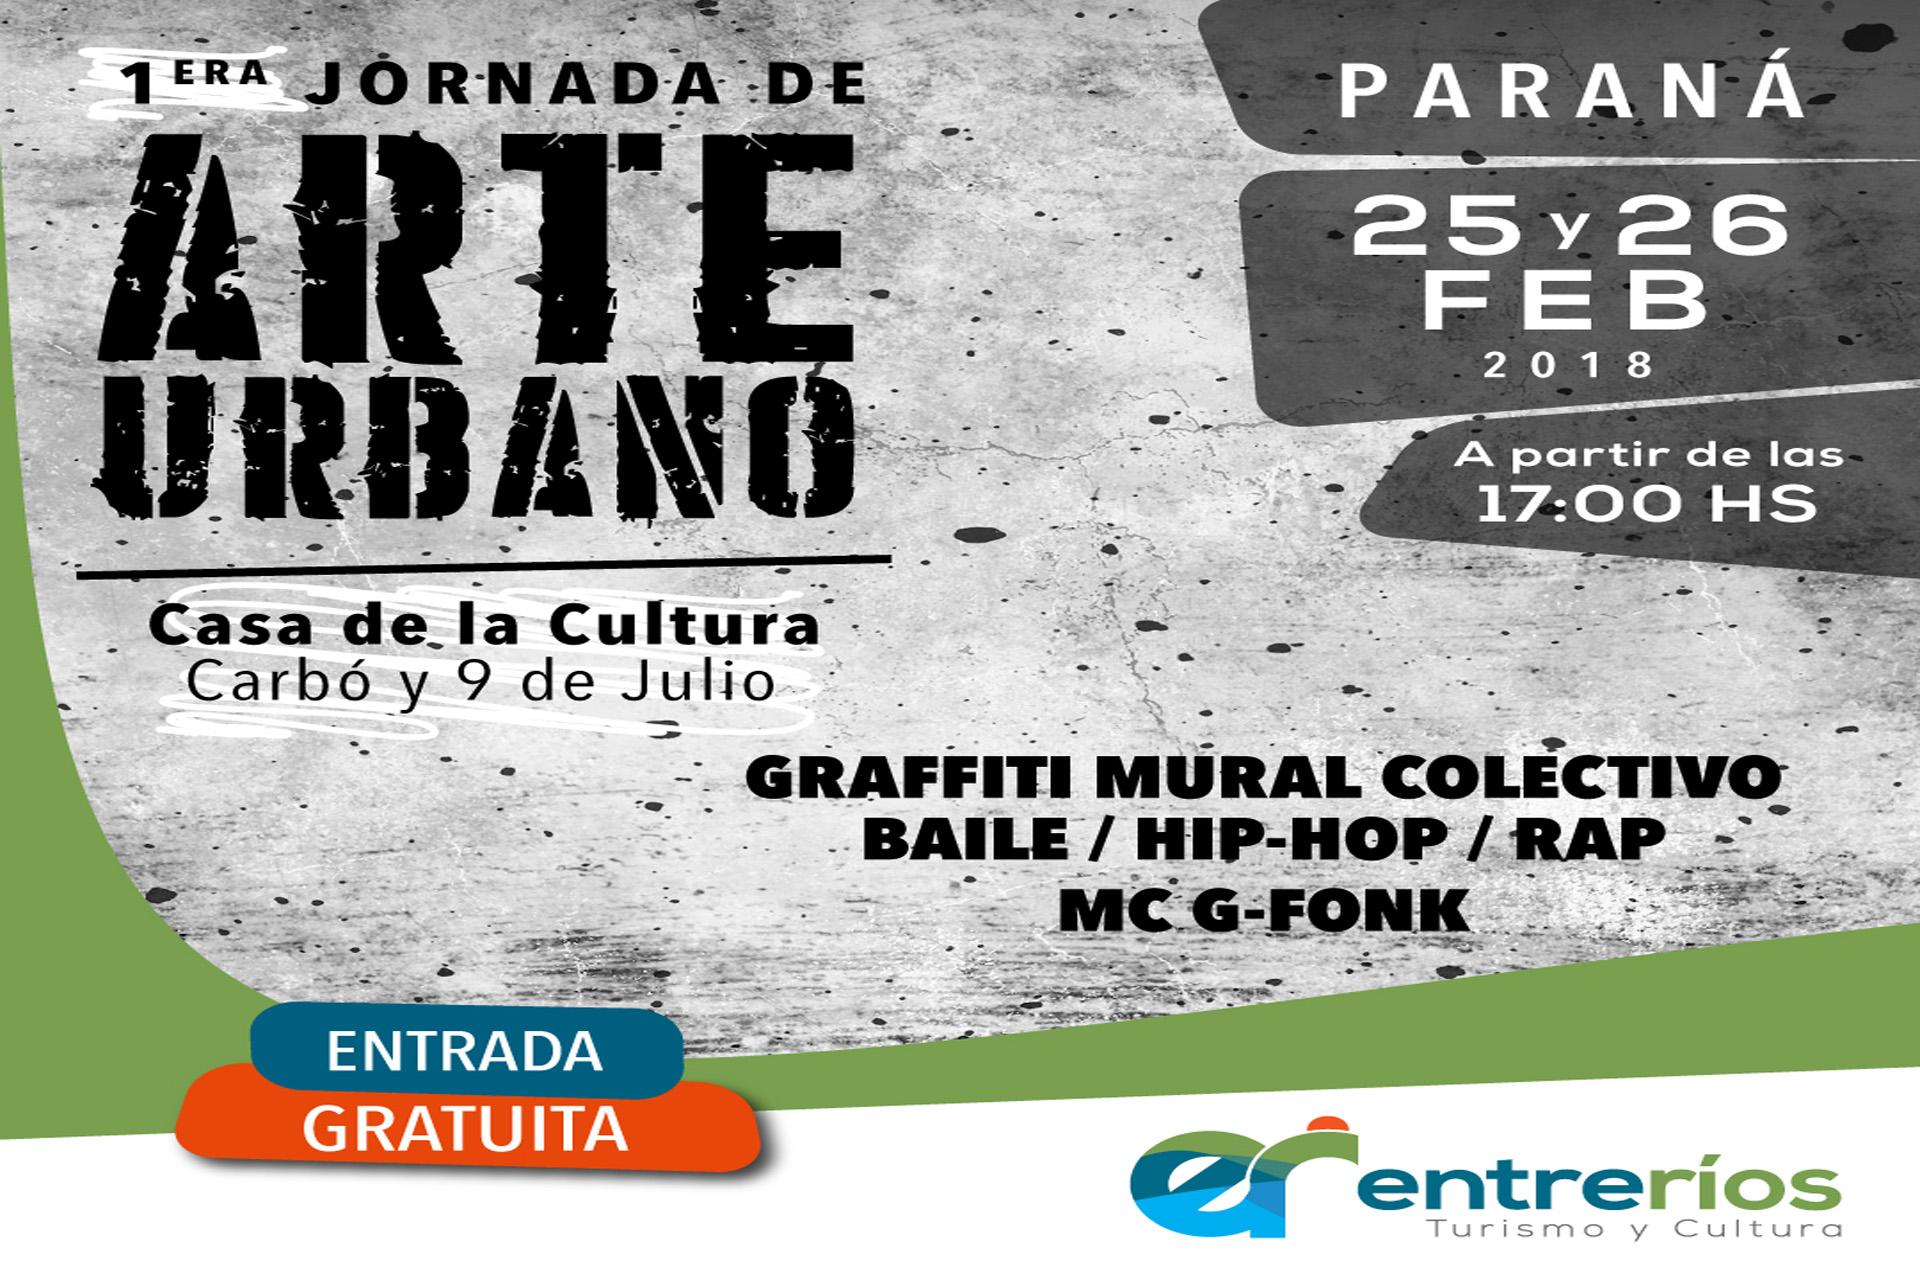 .Se realizará la 1º Jornada de Arte Urbano en Paraná.